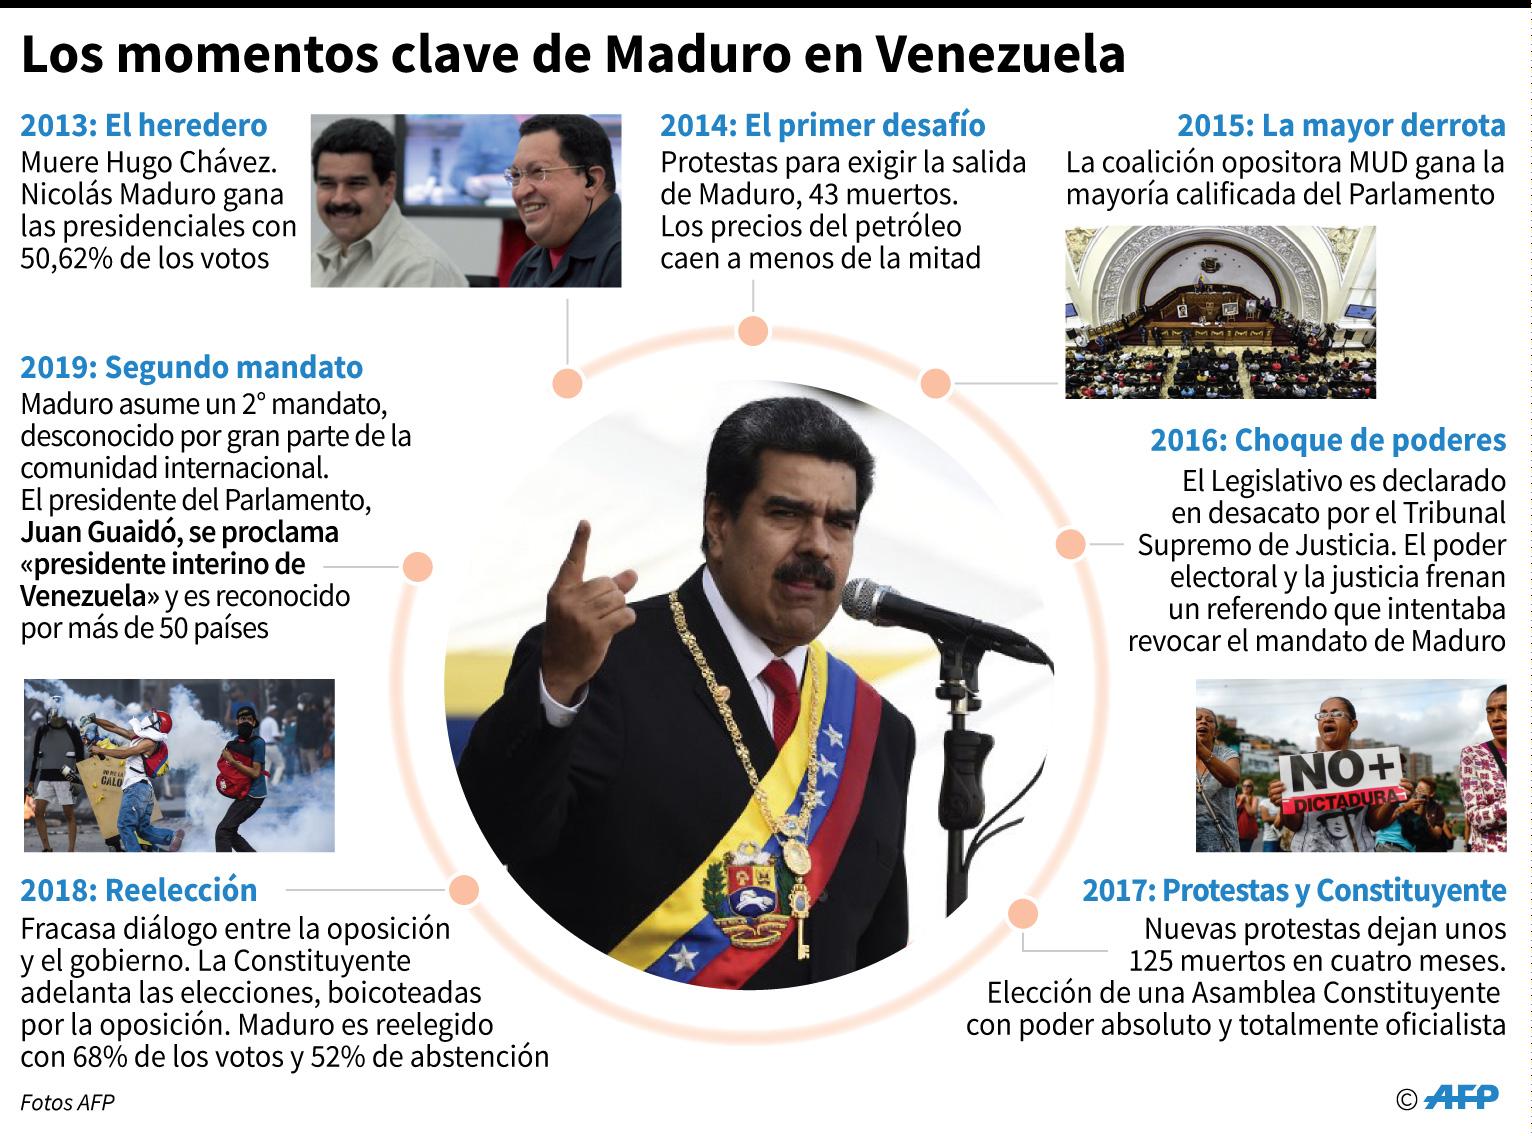 Los momentos claves del régimen de Nicolás Maduro en Venezuela. (AFP)